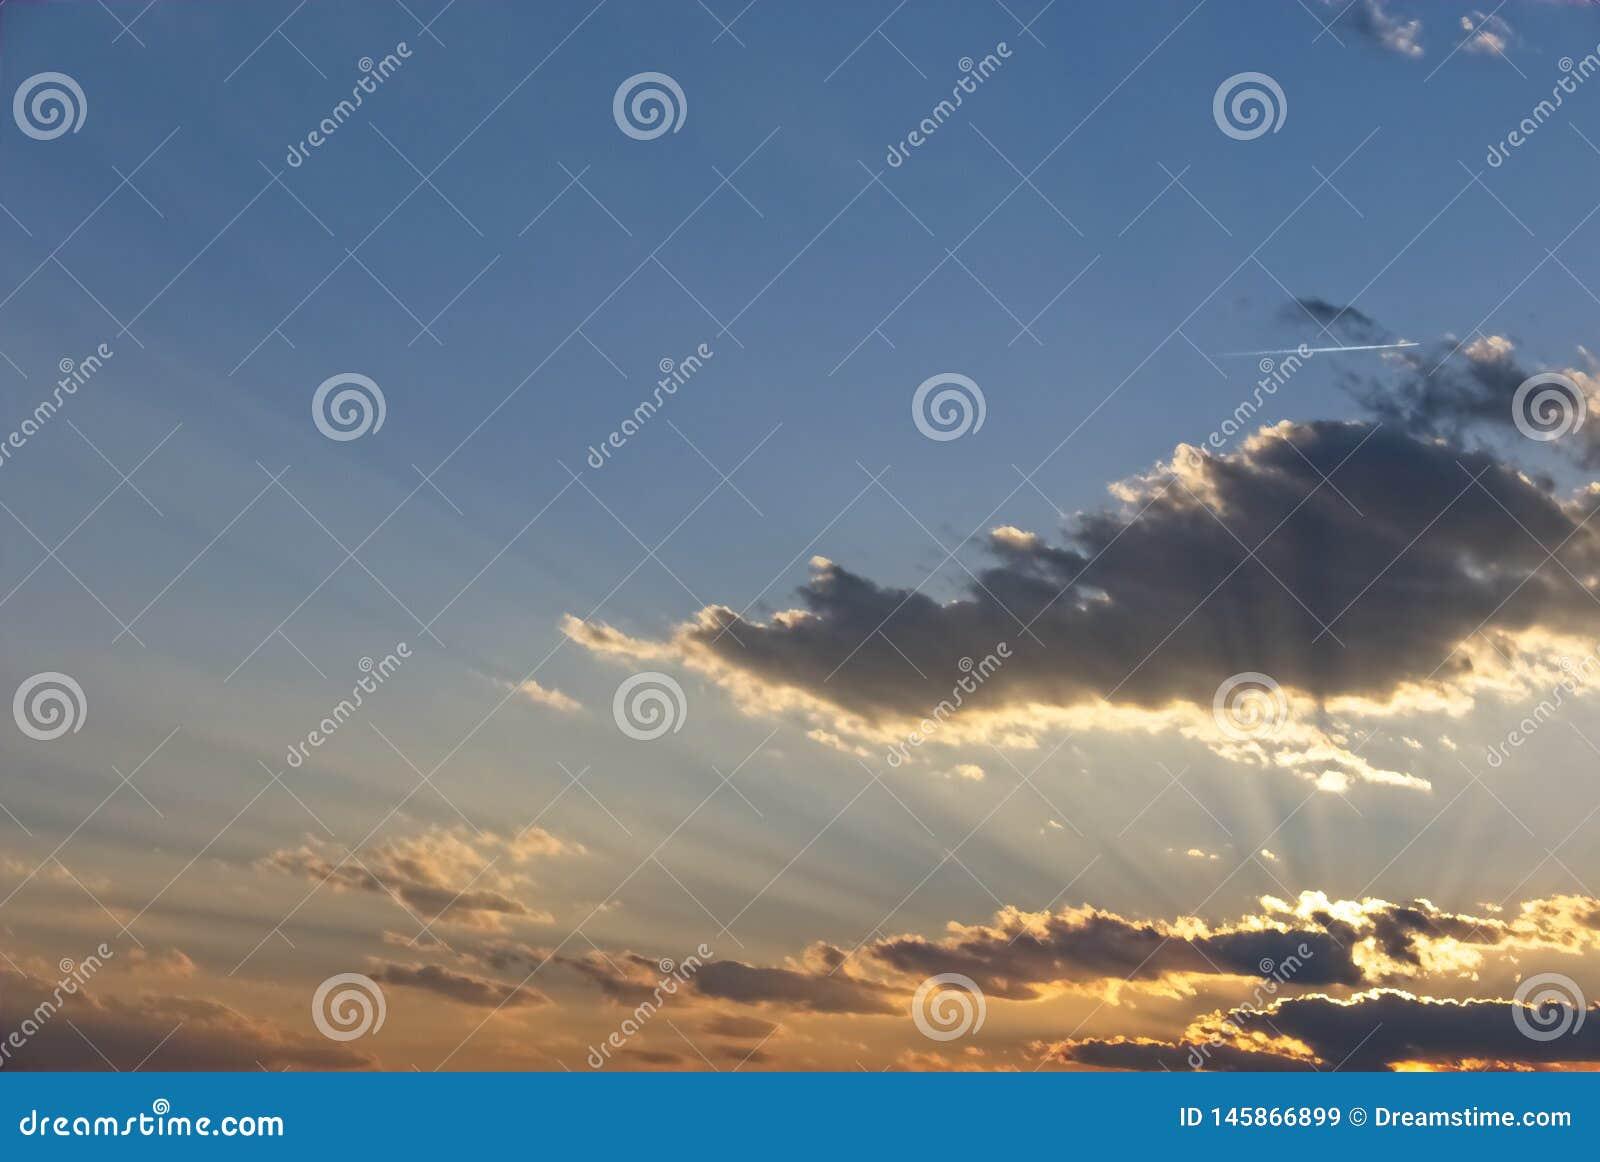 Stralen van licht over wolken